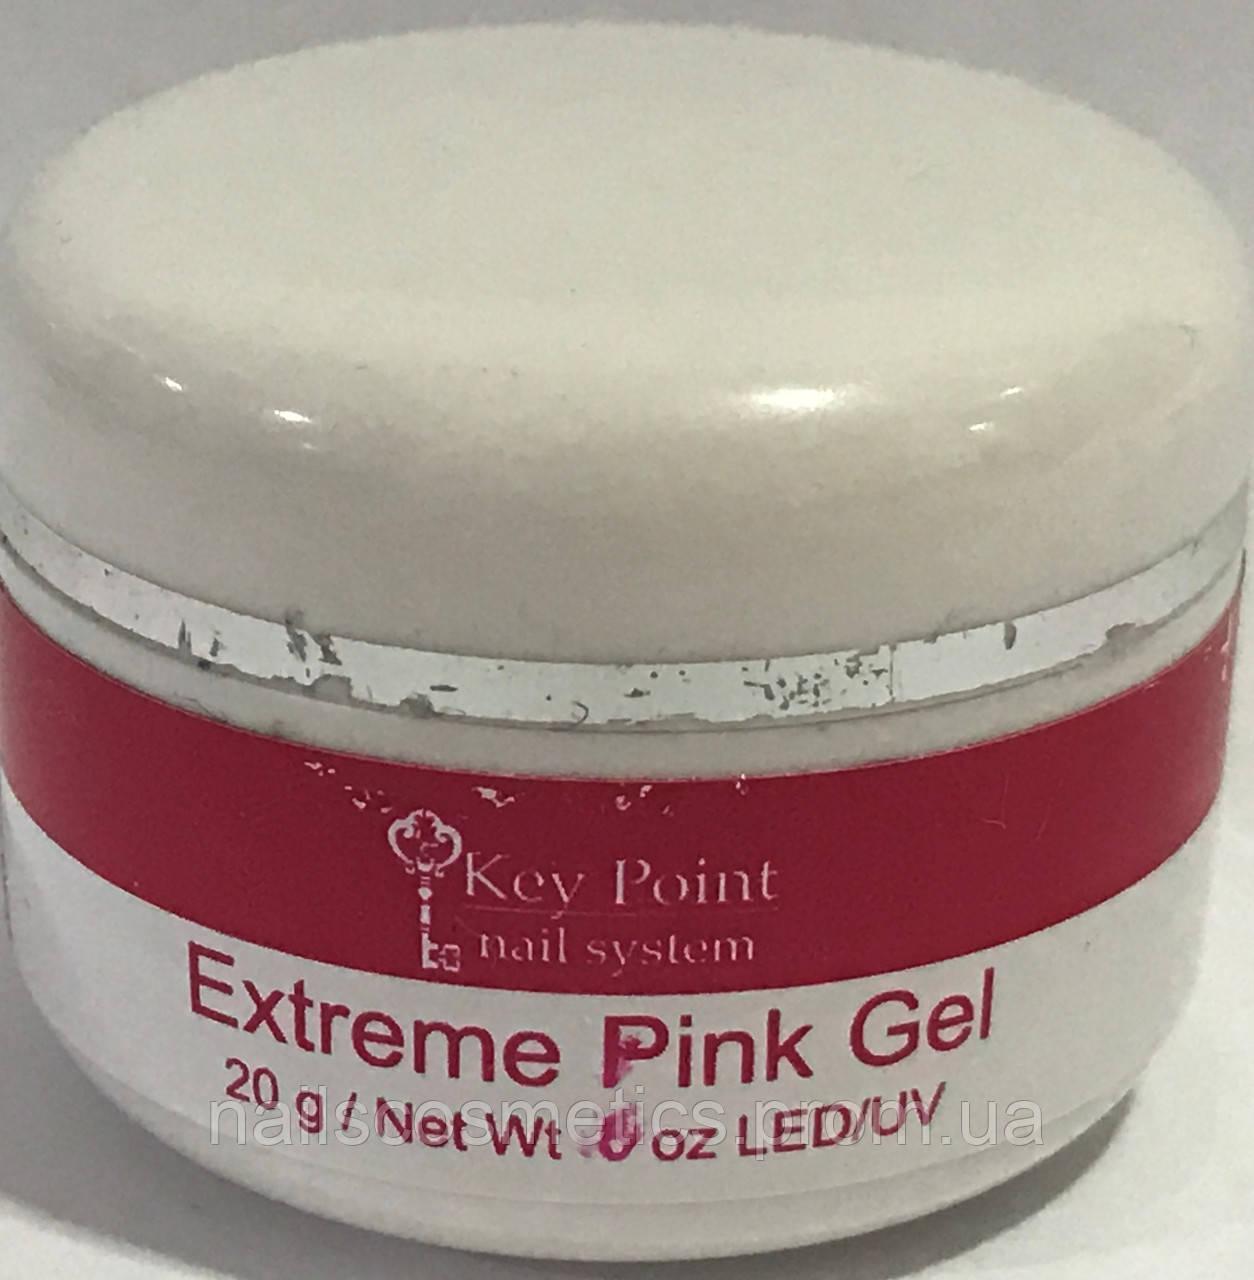 Extreme pink gel 20g